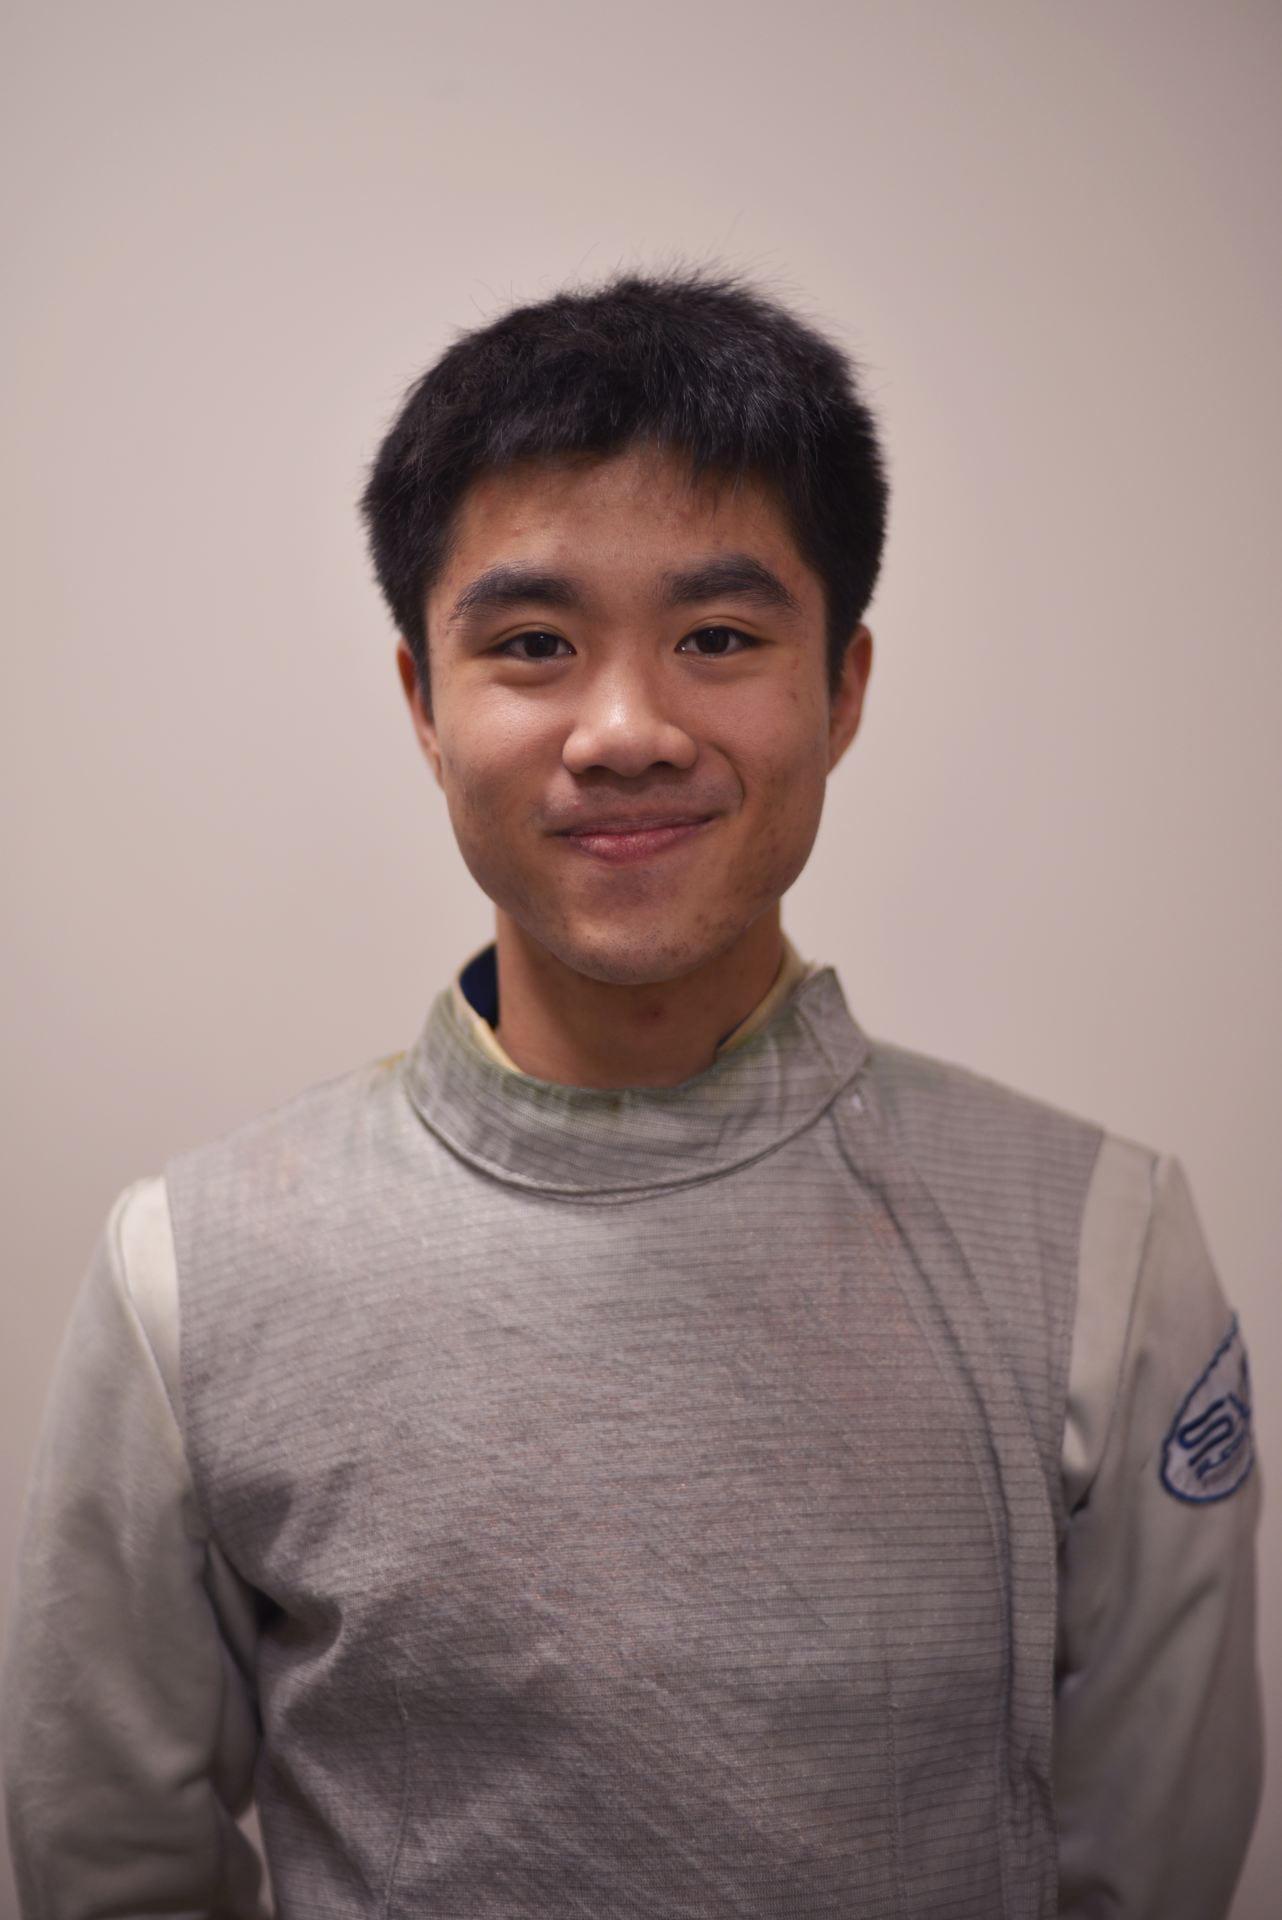 Darren Gu